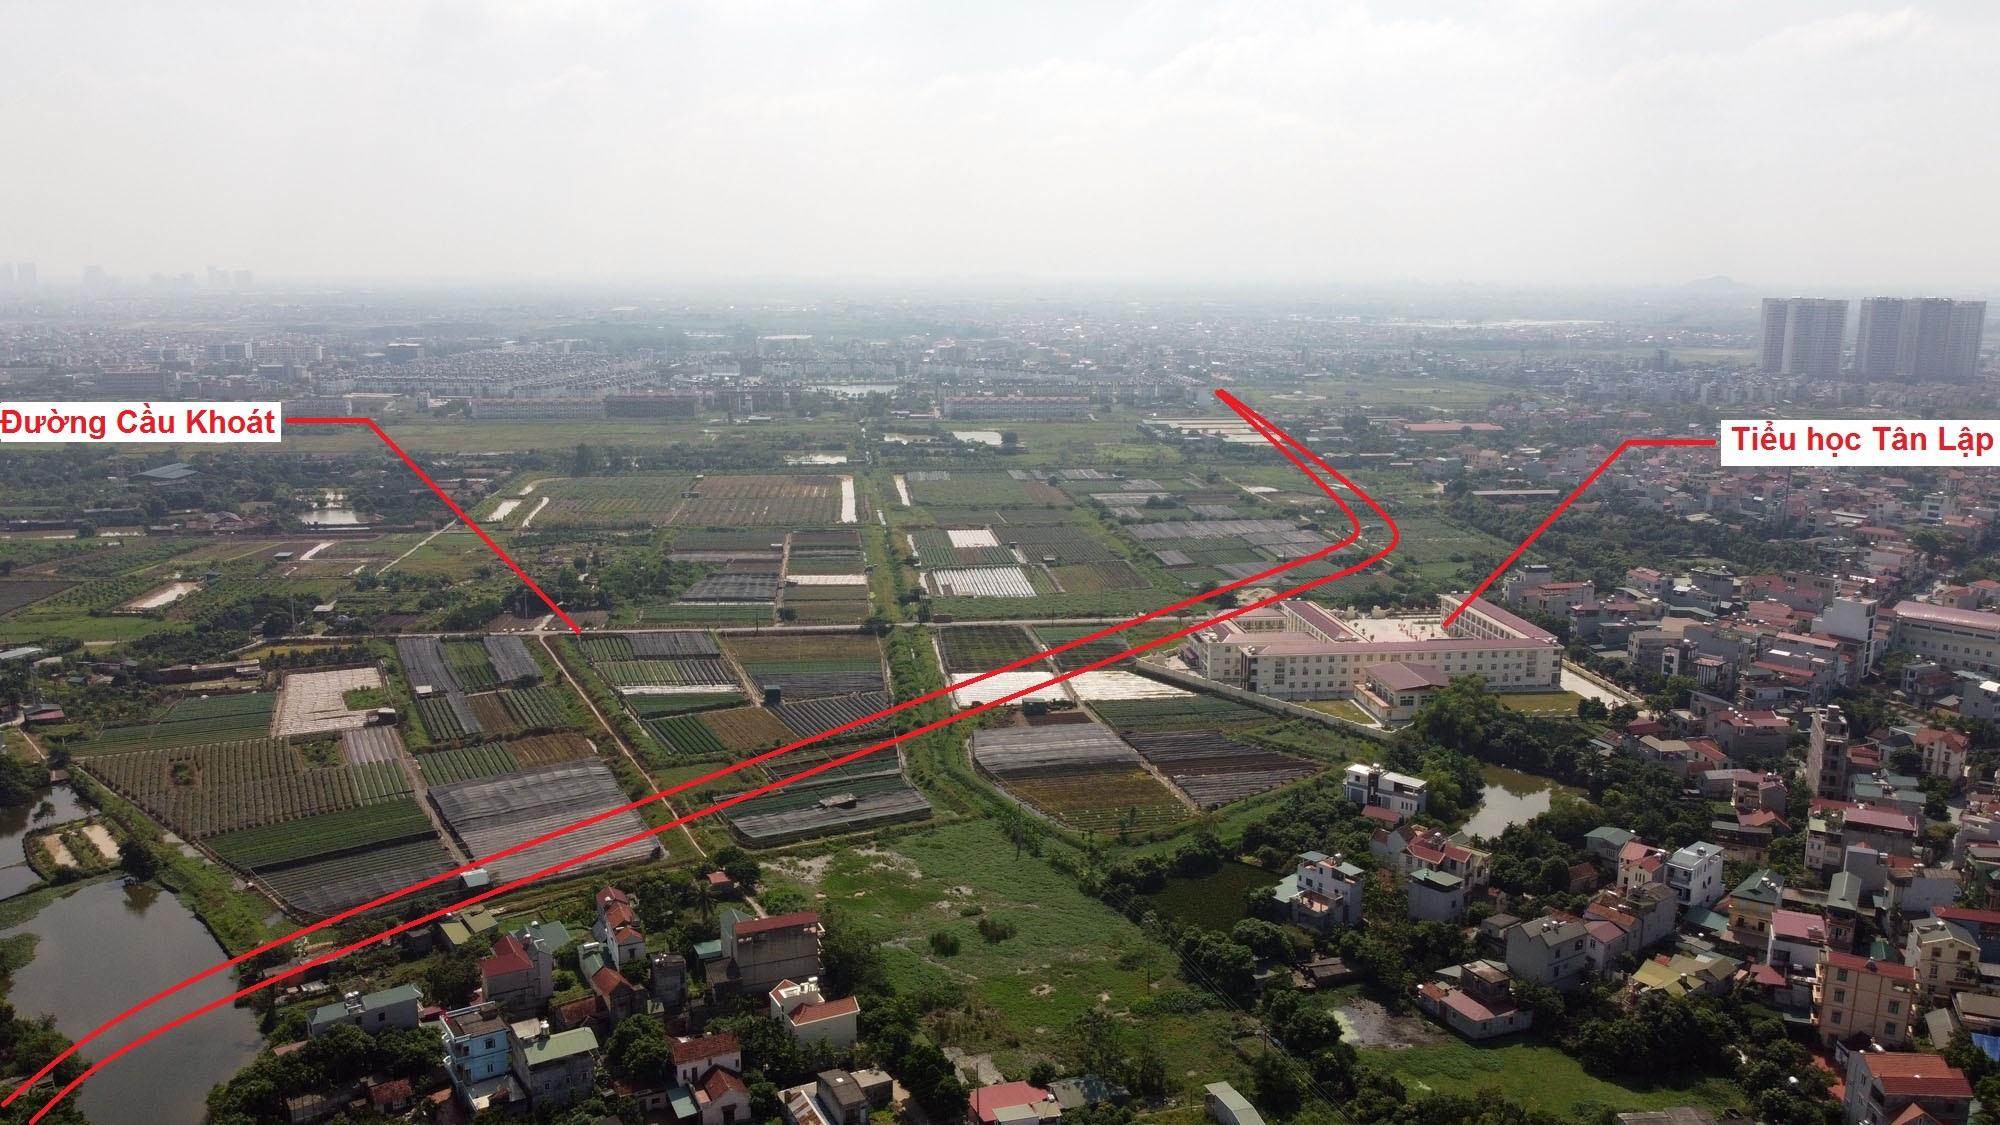 Ba đường sẽ mở theo qui hoạch ở xã Tân Lập, Đan Phượng, Hà Nội - Ảnh 6.